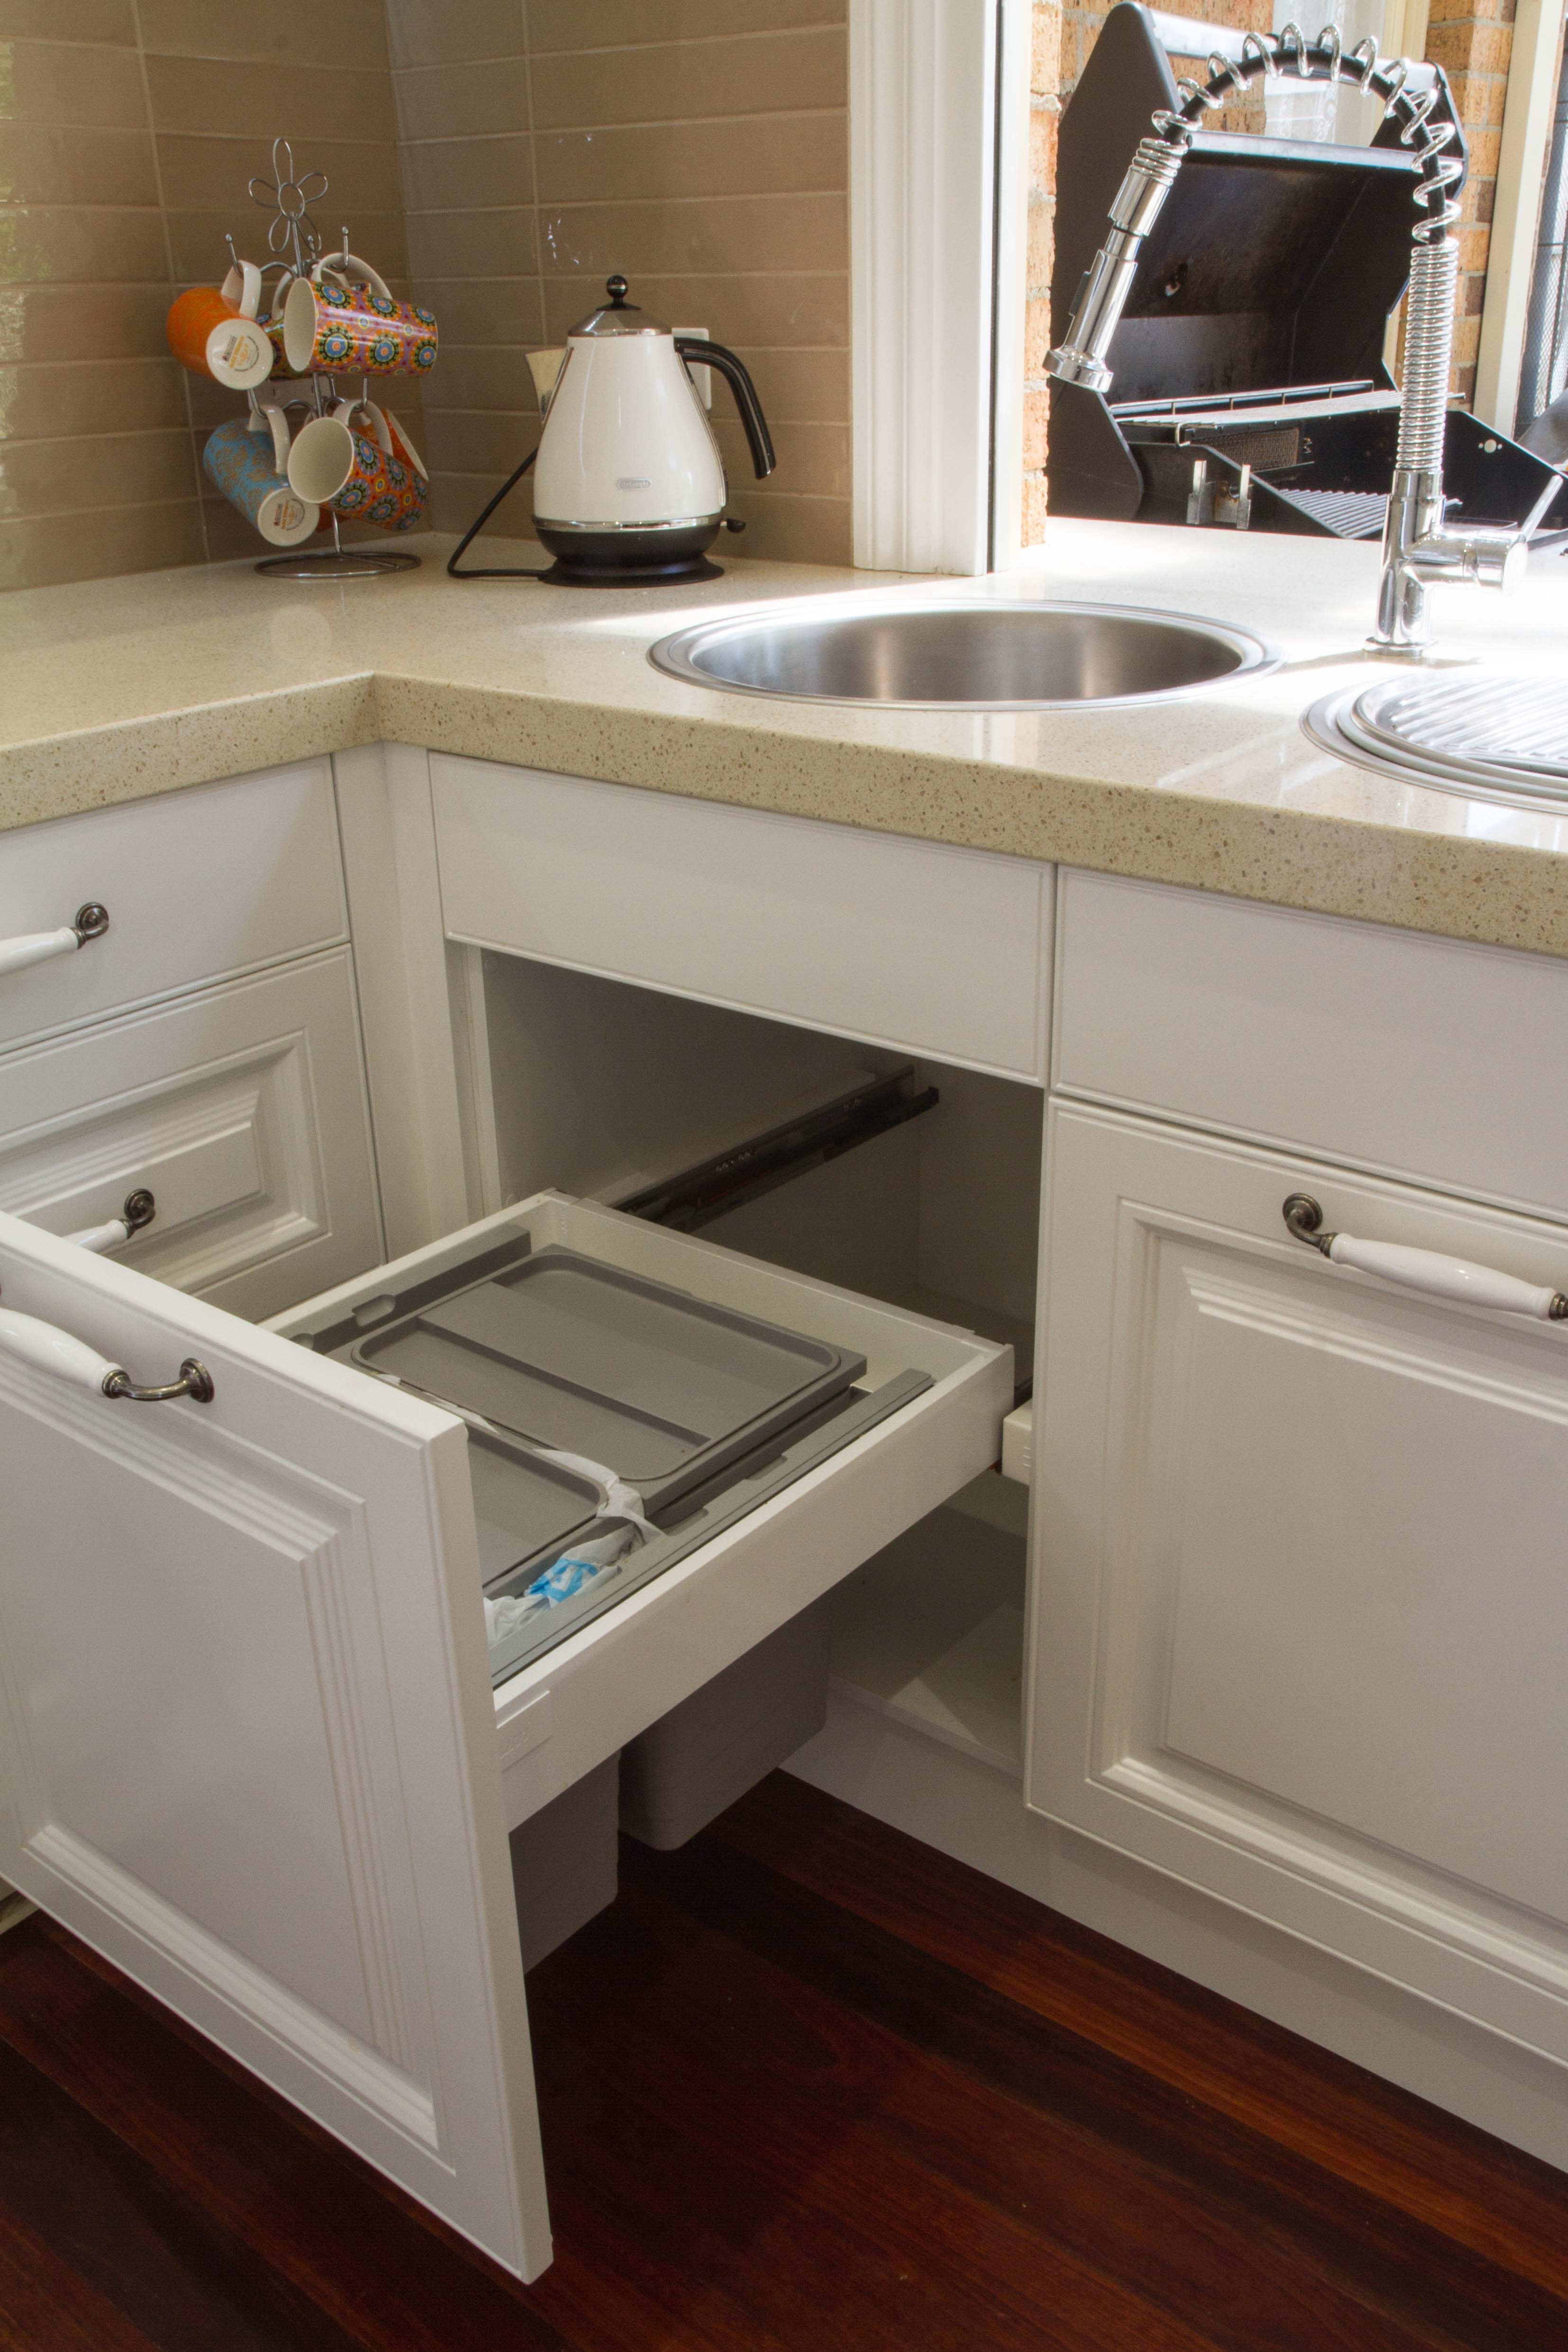 Under Kitchen Sink Storage Fluorescent Light Covers For Bin Drawer Thekitchendesigncentre Au